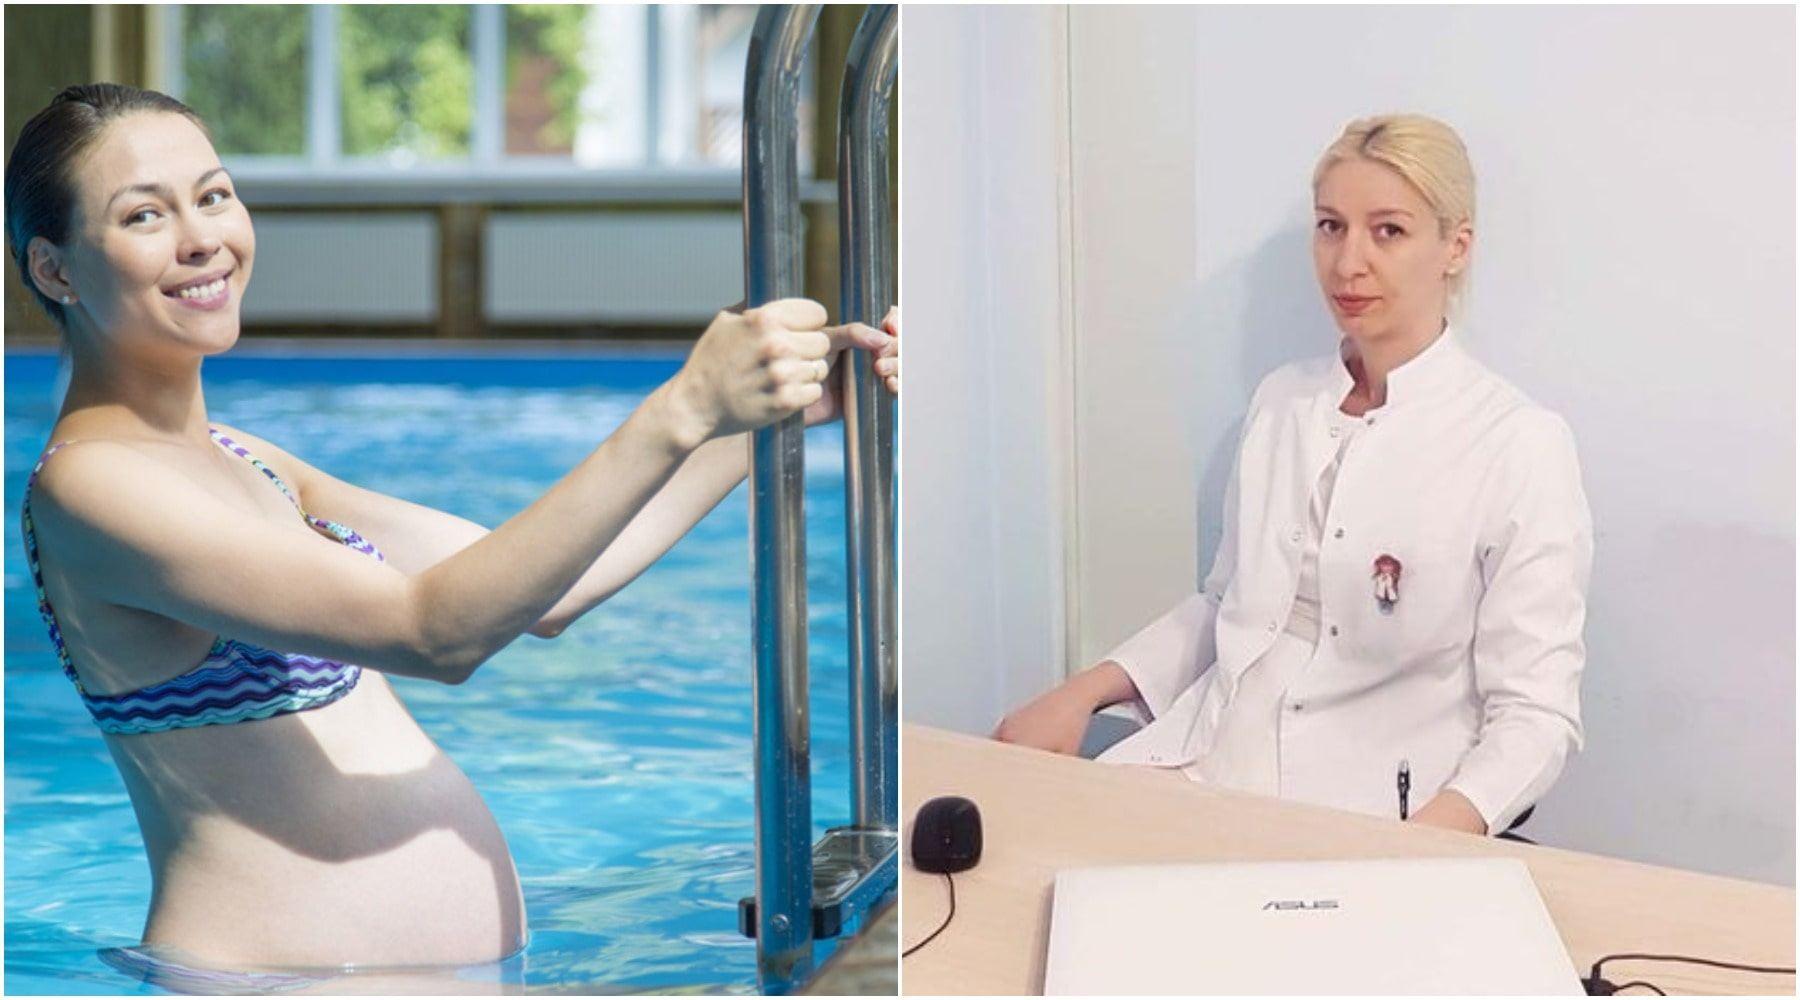 რა უპირატესობები აქვს ორსულობის დროს ცურვას სპორტის სხვა სახეობებთან შედარებით?